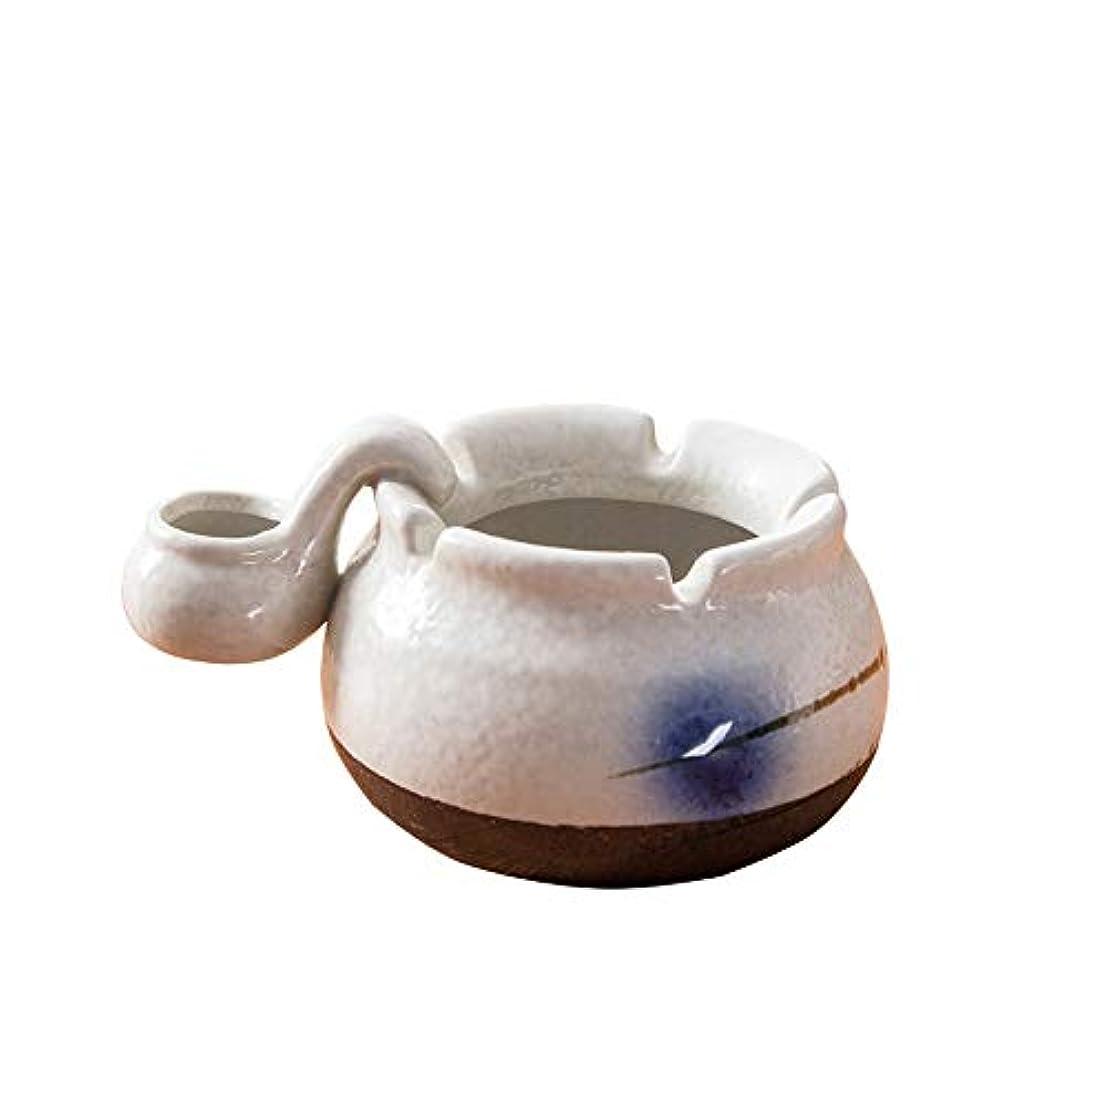 アラーム独立して子猫屋内または屋外での使用、喫煙者用の灰ホルダー、ホームオフィスの装飾用のデスクトップ喫煙灰皿